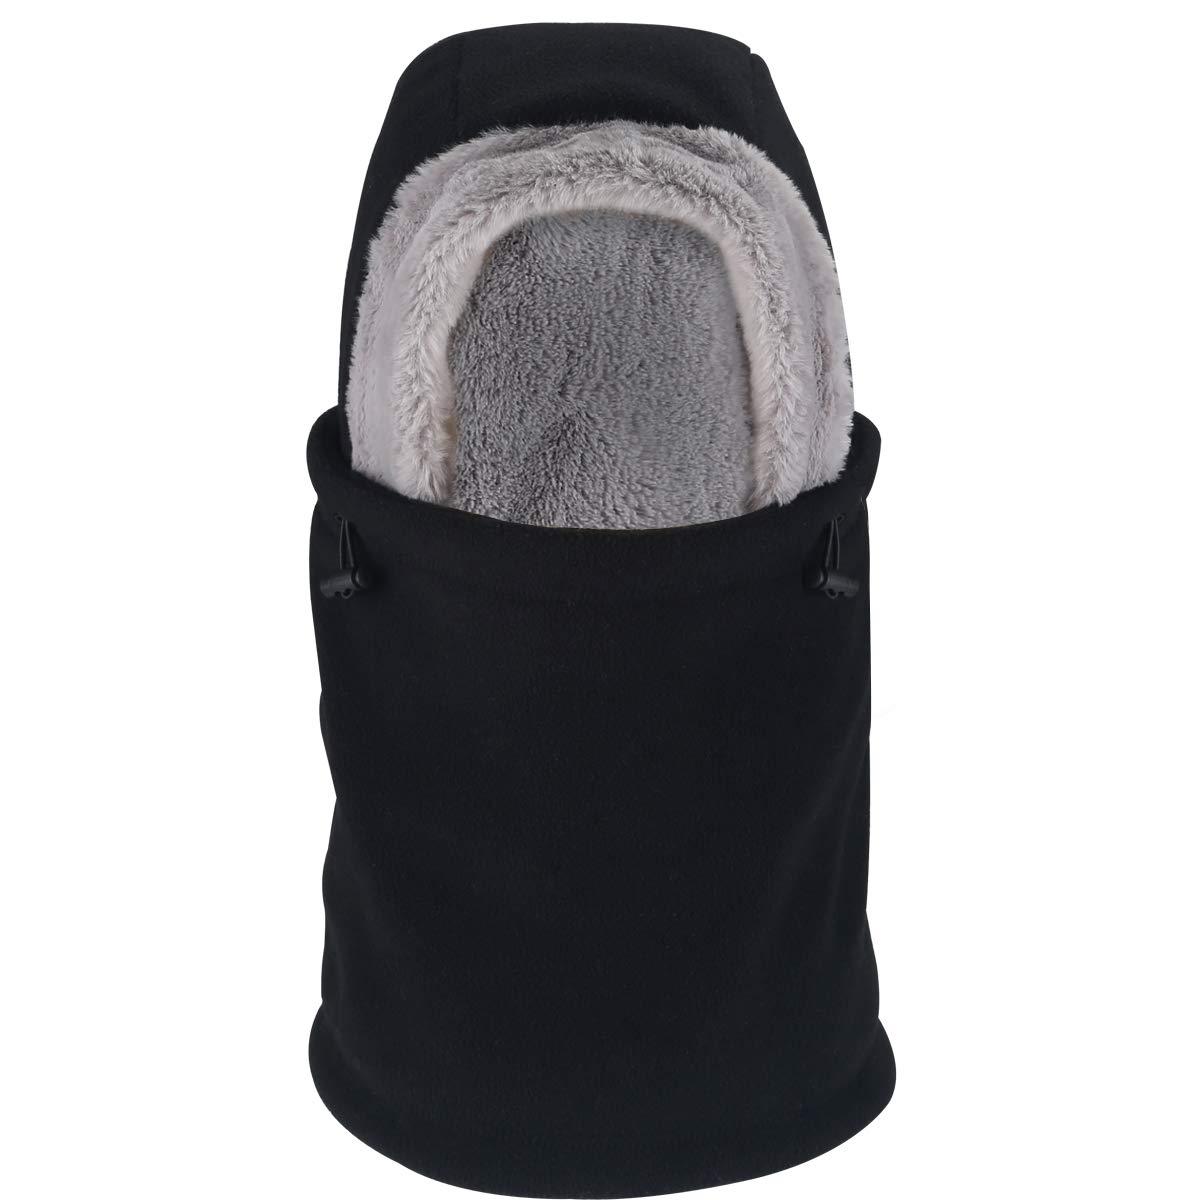 Enkarl Unisex Fleece Balaclava, Windproof Winter Outdoor Sports Face Mask Hood Headgear Neck Warmer for Men and Women